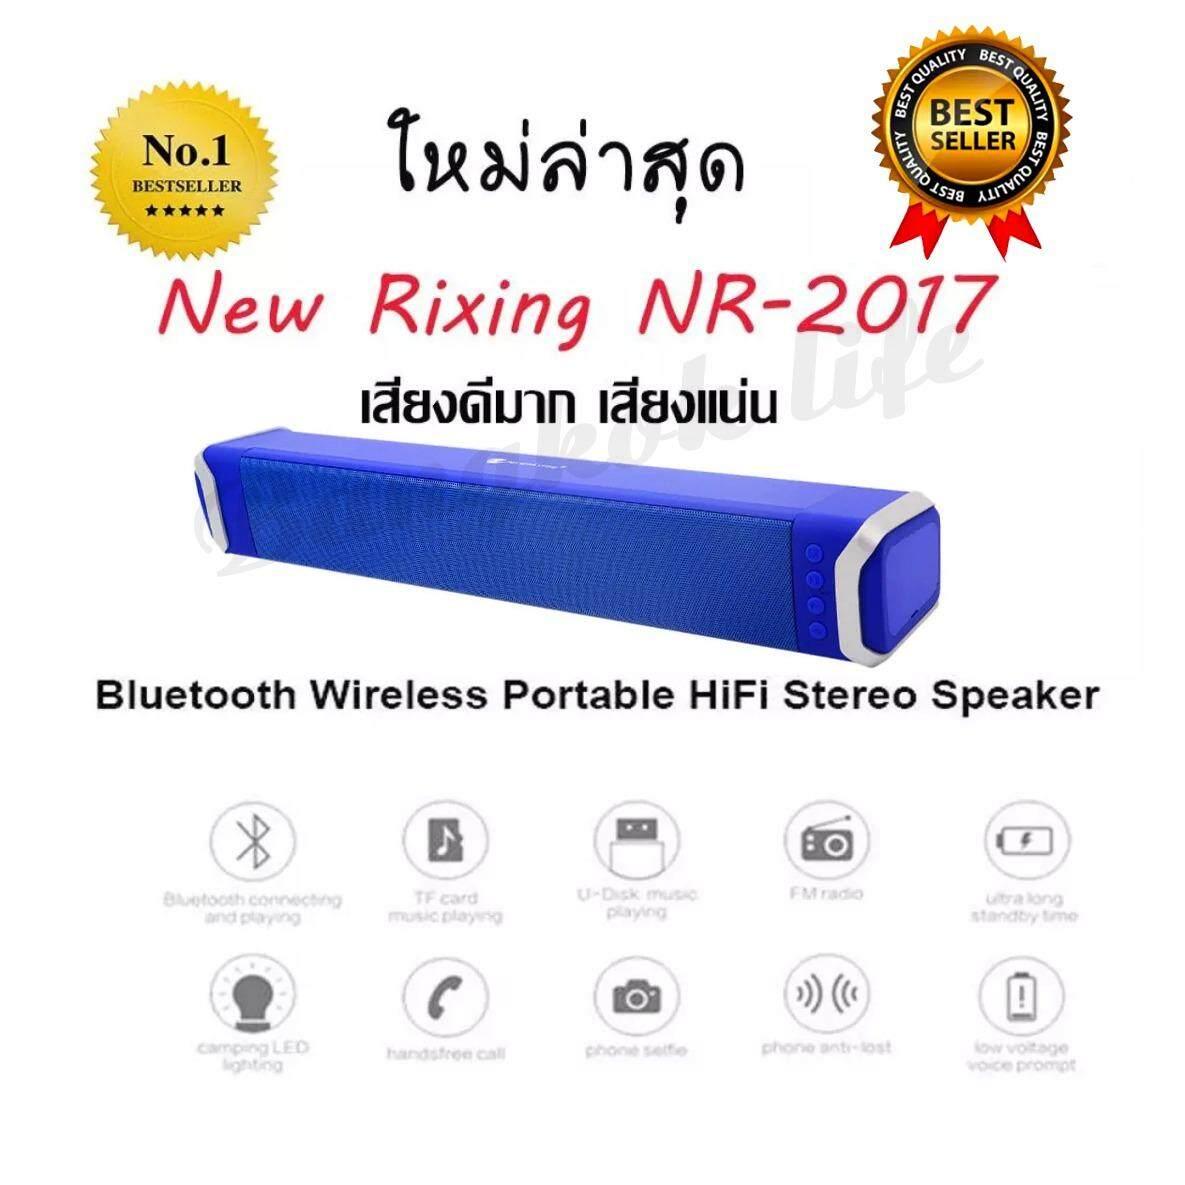 ขาย ซื้อ New Rixing Nr2017 ของแท้มีประกันจากศูนย์ Sound Bar Bluetooth Speaker ลำโพงบลูทูธ เสียงดี กระหึ่ม Sound Bar